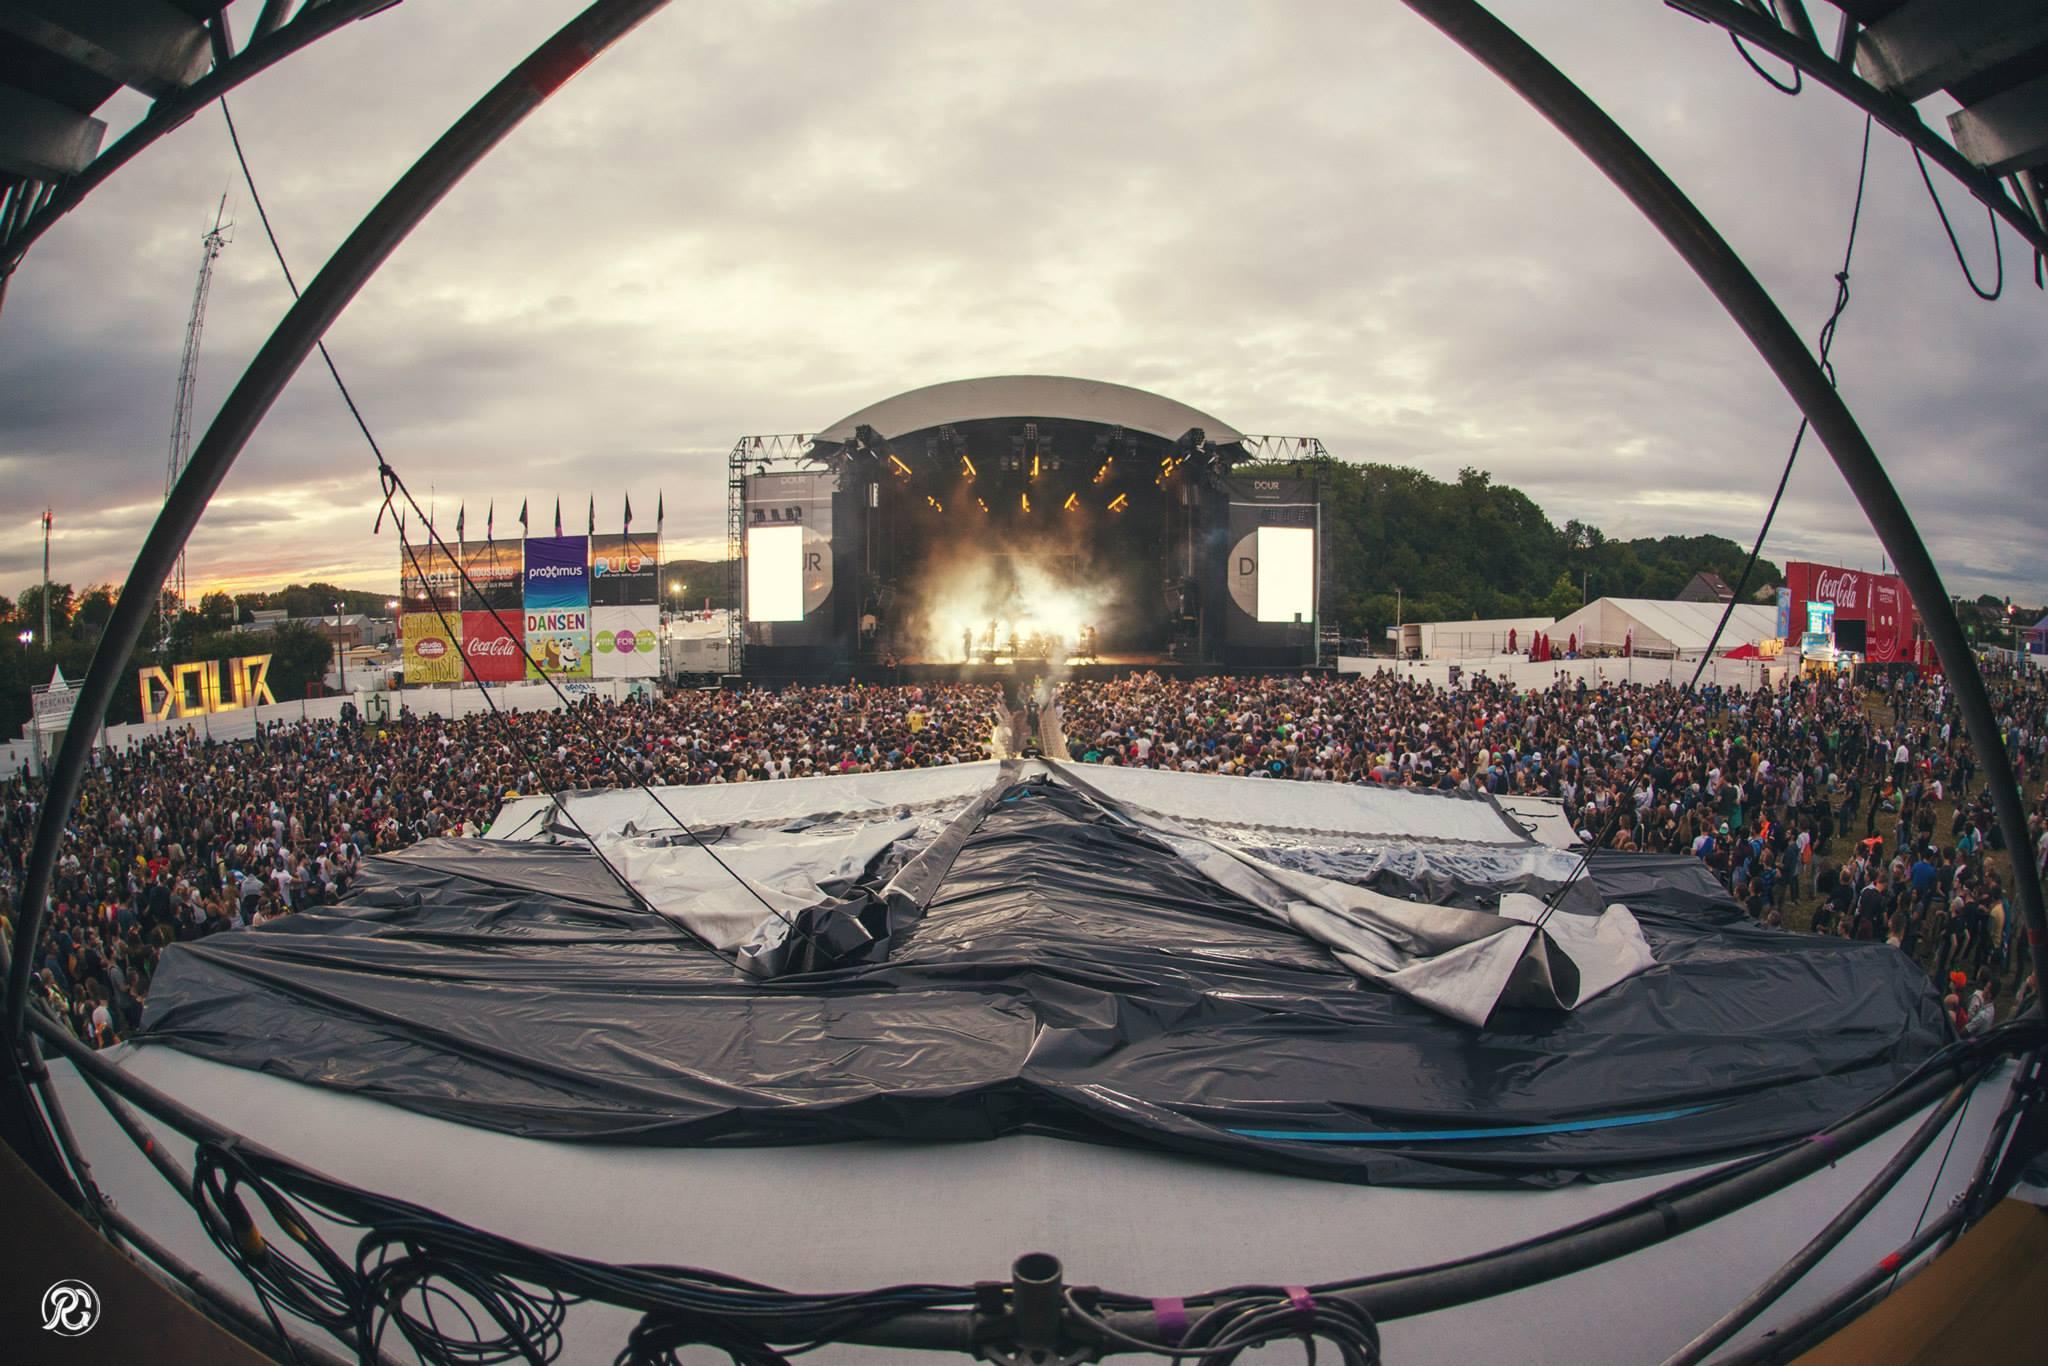 Dour Festival 2015 - Remy Gollineli & Beware Magazine